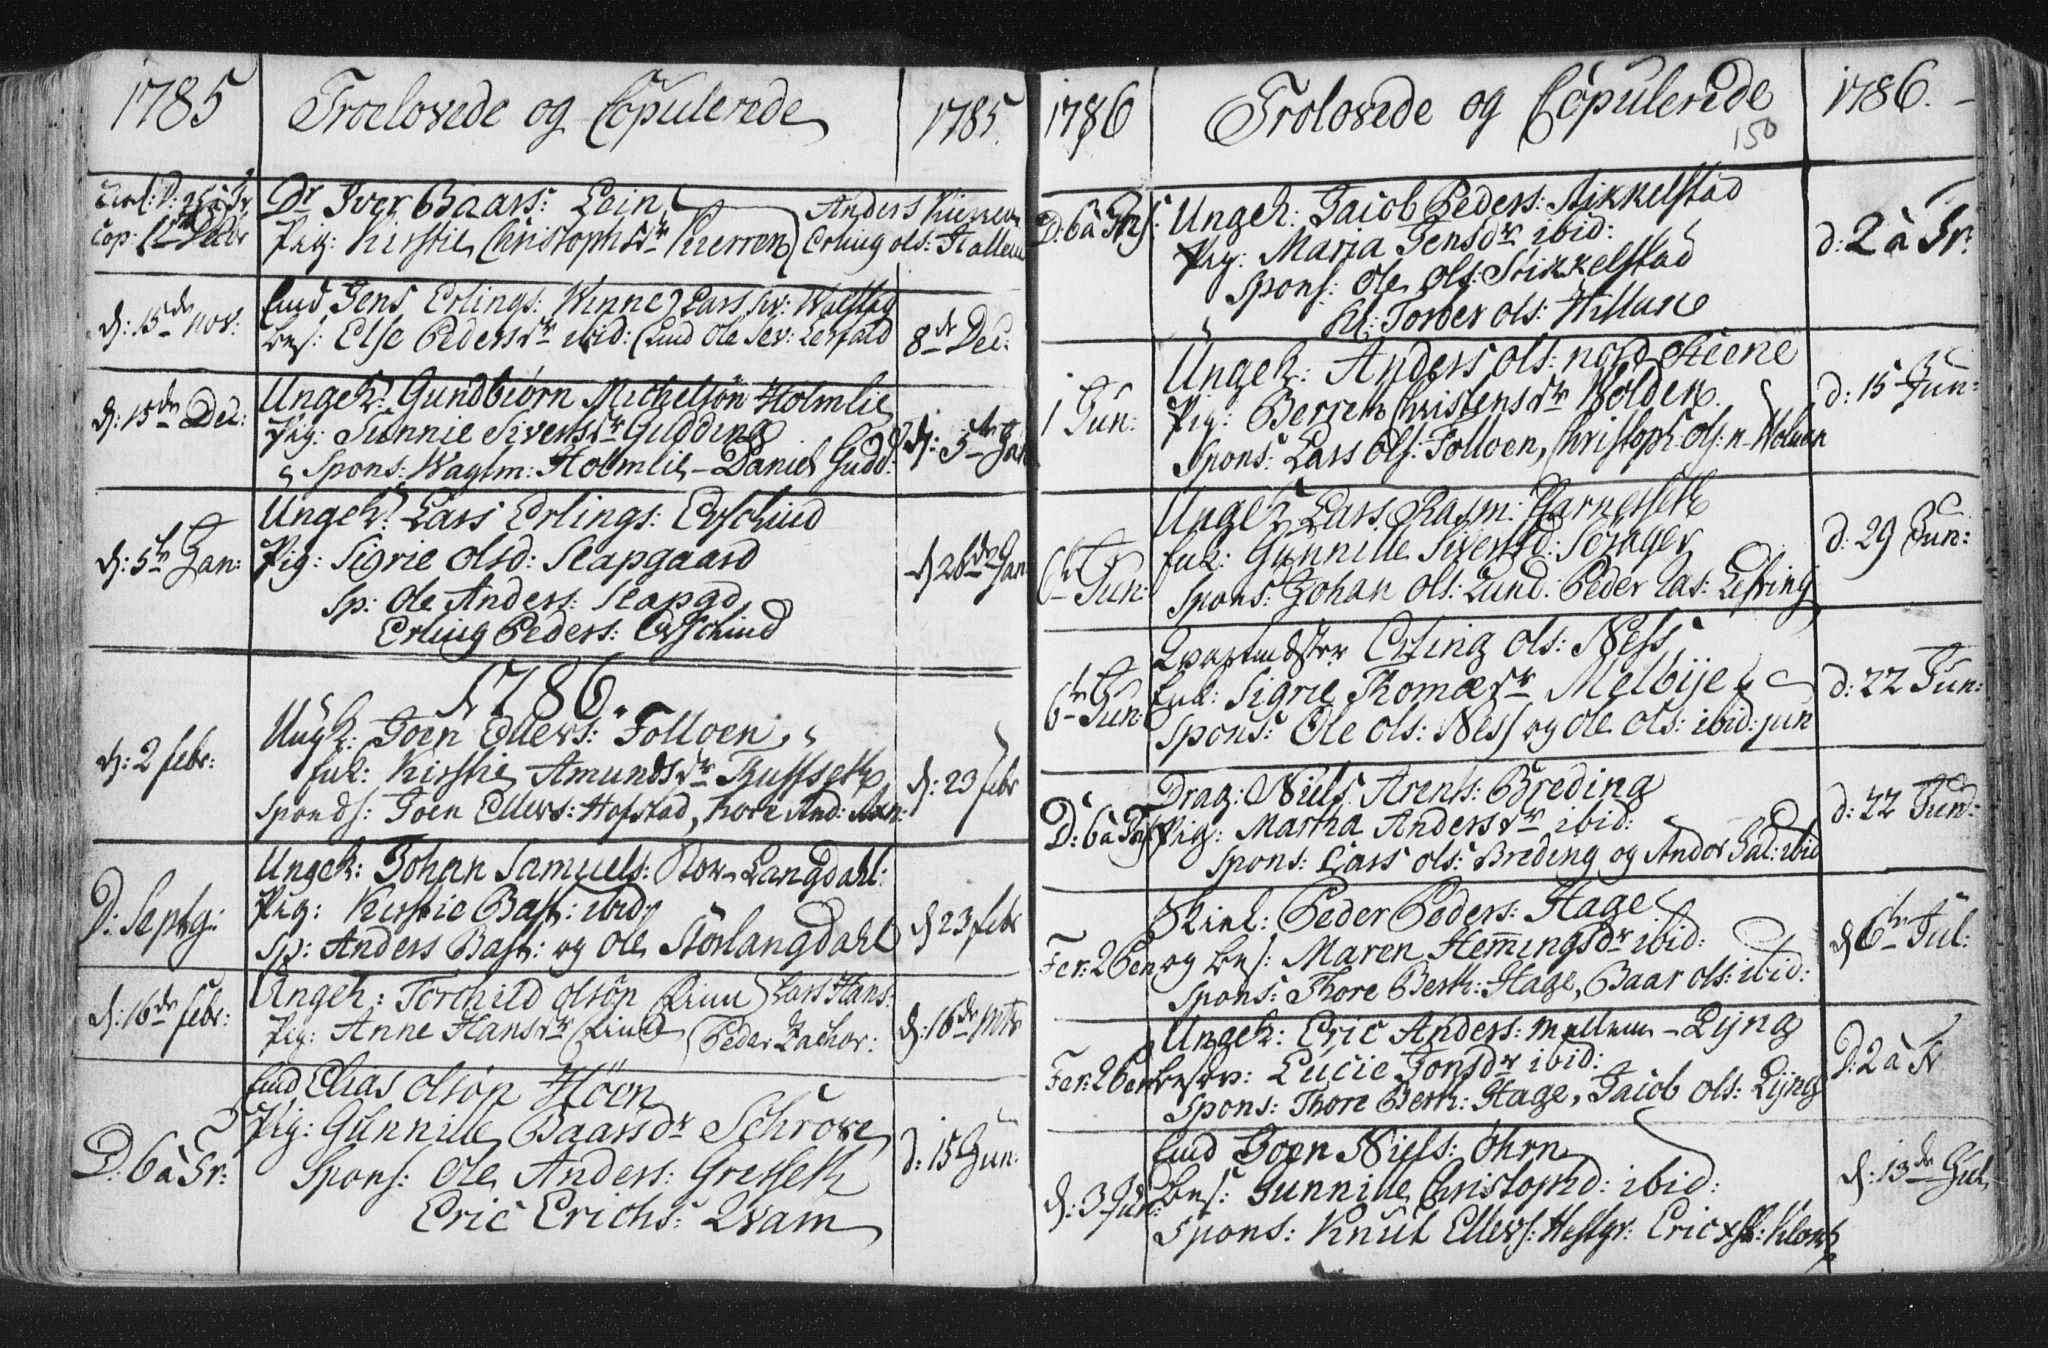 SAT, Ministerialprotokoller, klokkerbøker og fødselsregistre - Nord-Trøndelag, 723/L0232: Ministerialbok nr. 723A03, 1781-1804, s. 150